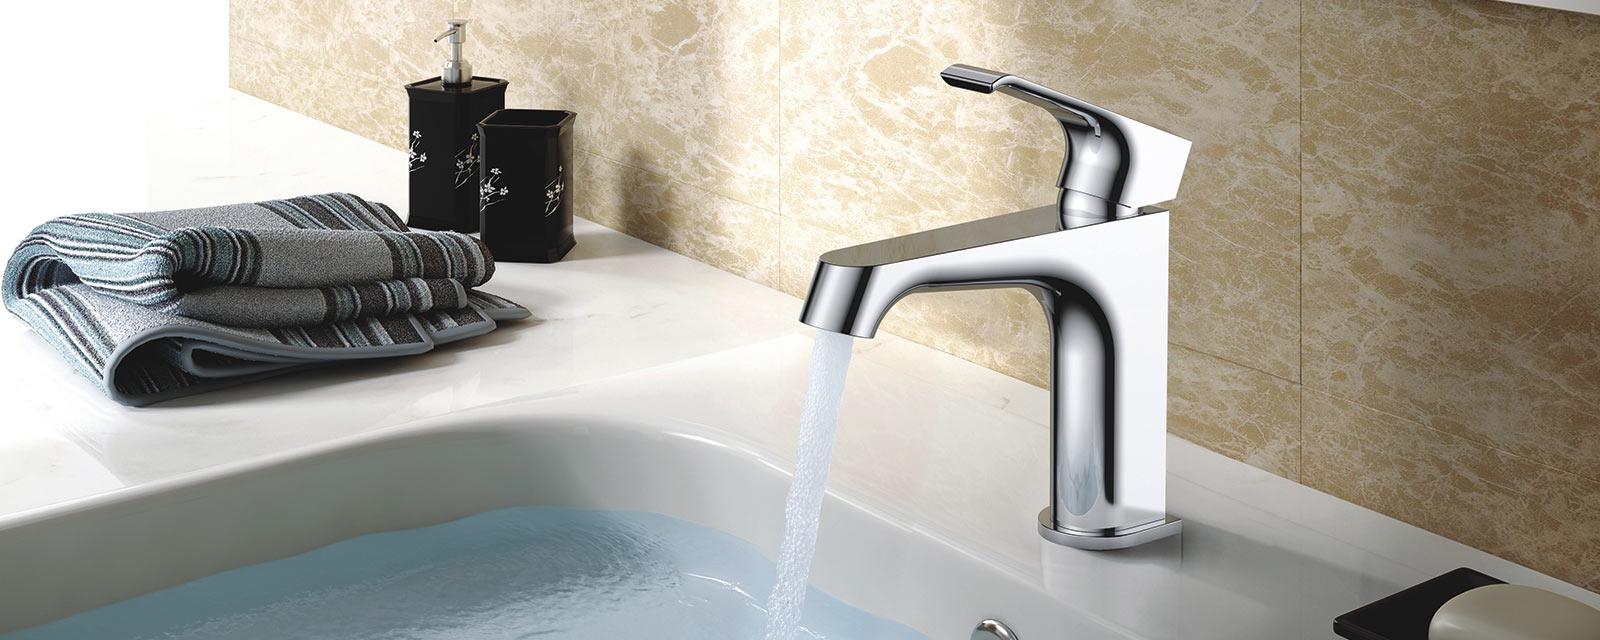 Comment remplacer un robinet mitigeur soi-même ?  Guide Artisan